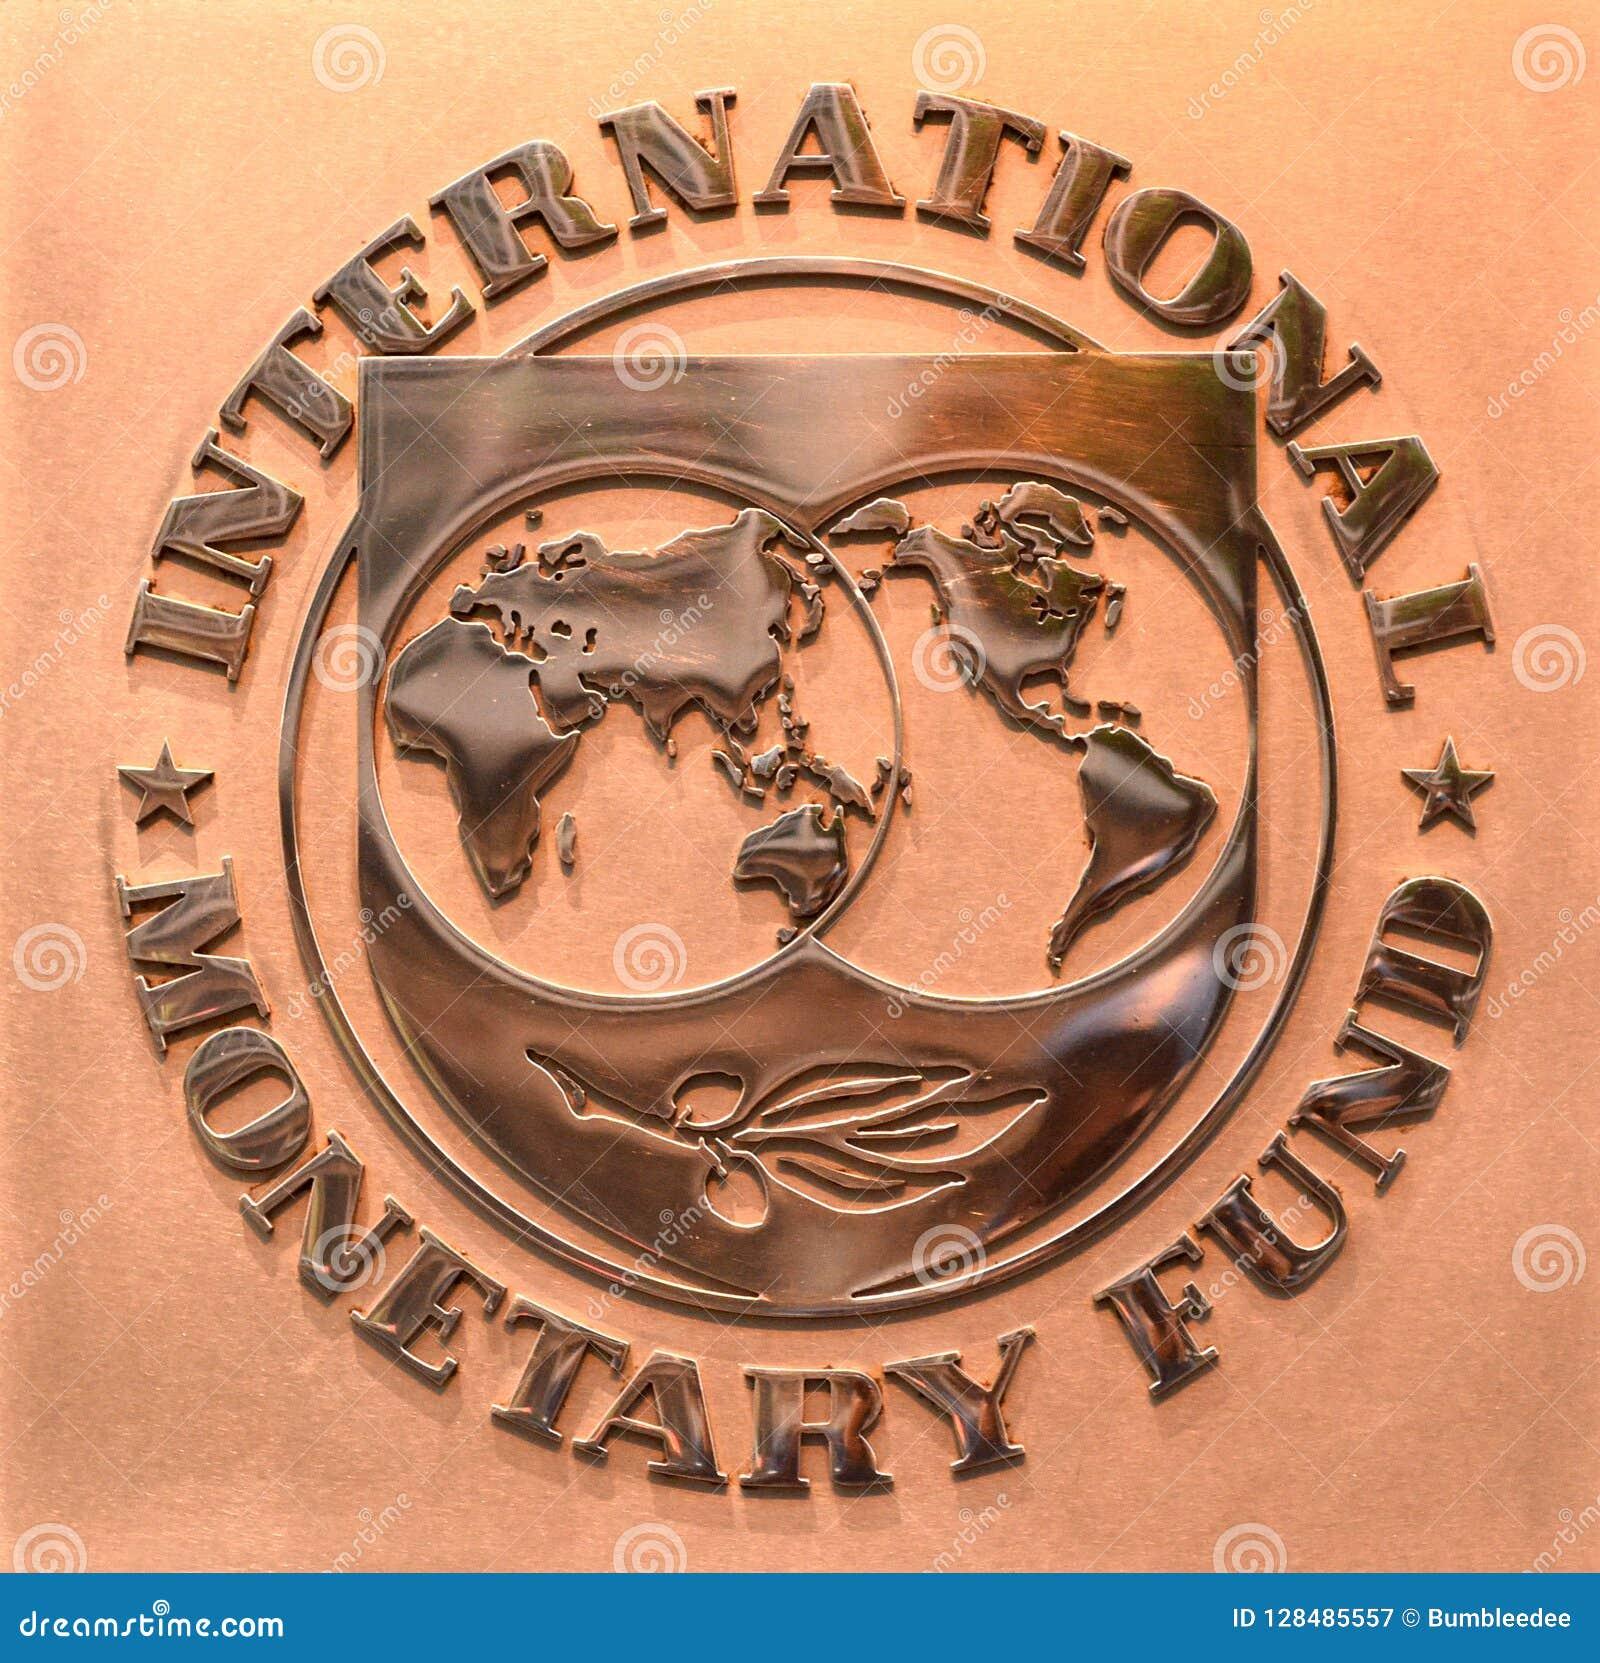 Washington, DC - June 04, 2018: Emblem of International Monetary